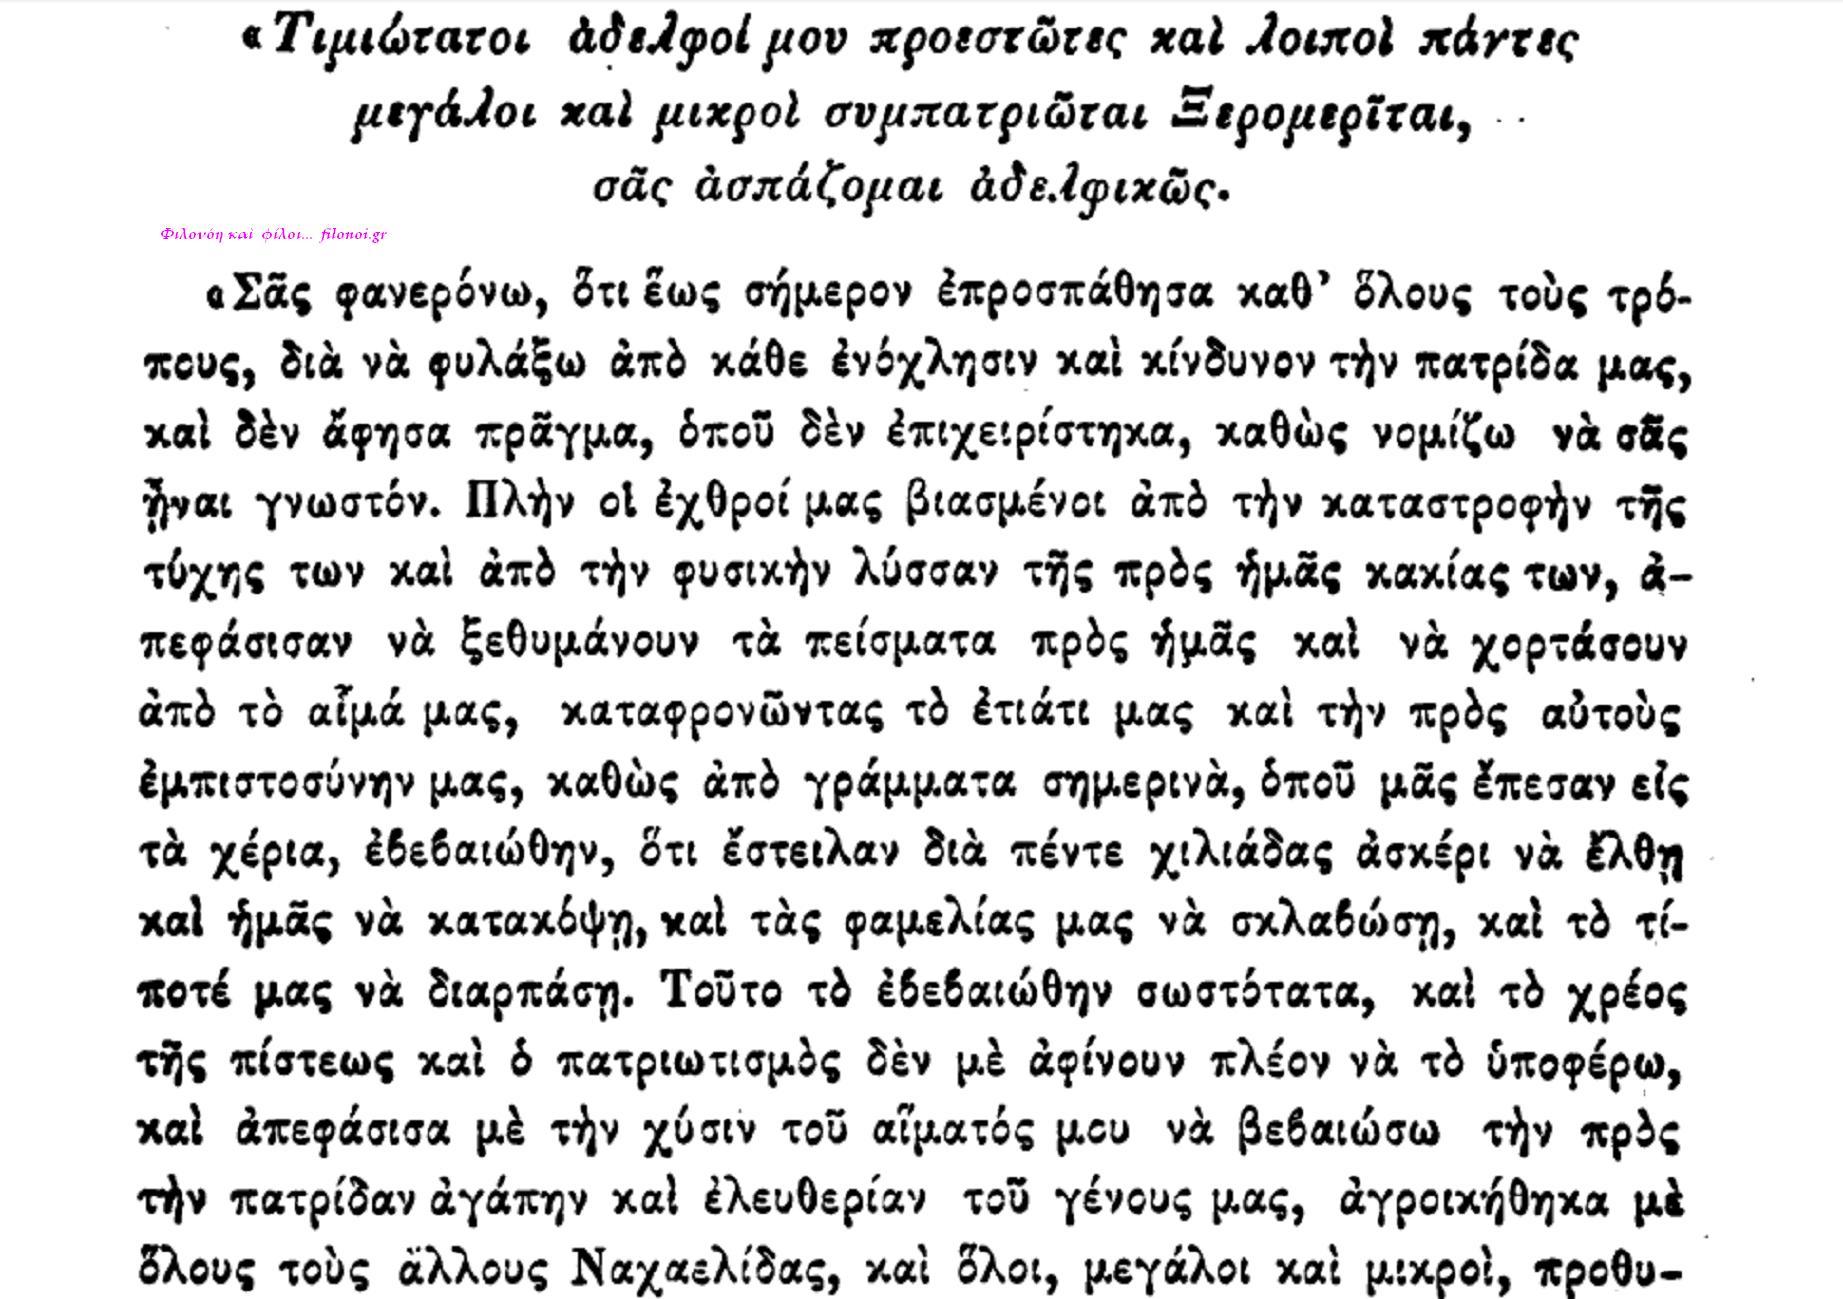 25 Μαΐου 1821. Ἡ προκήρυξις τοῦ Βαρνακιώτου.